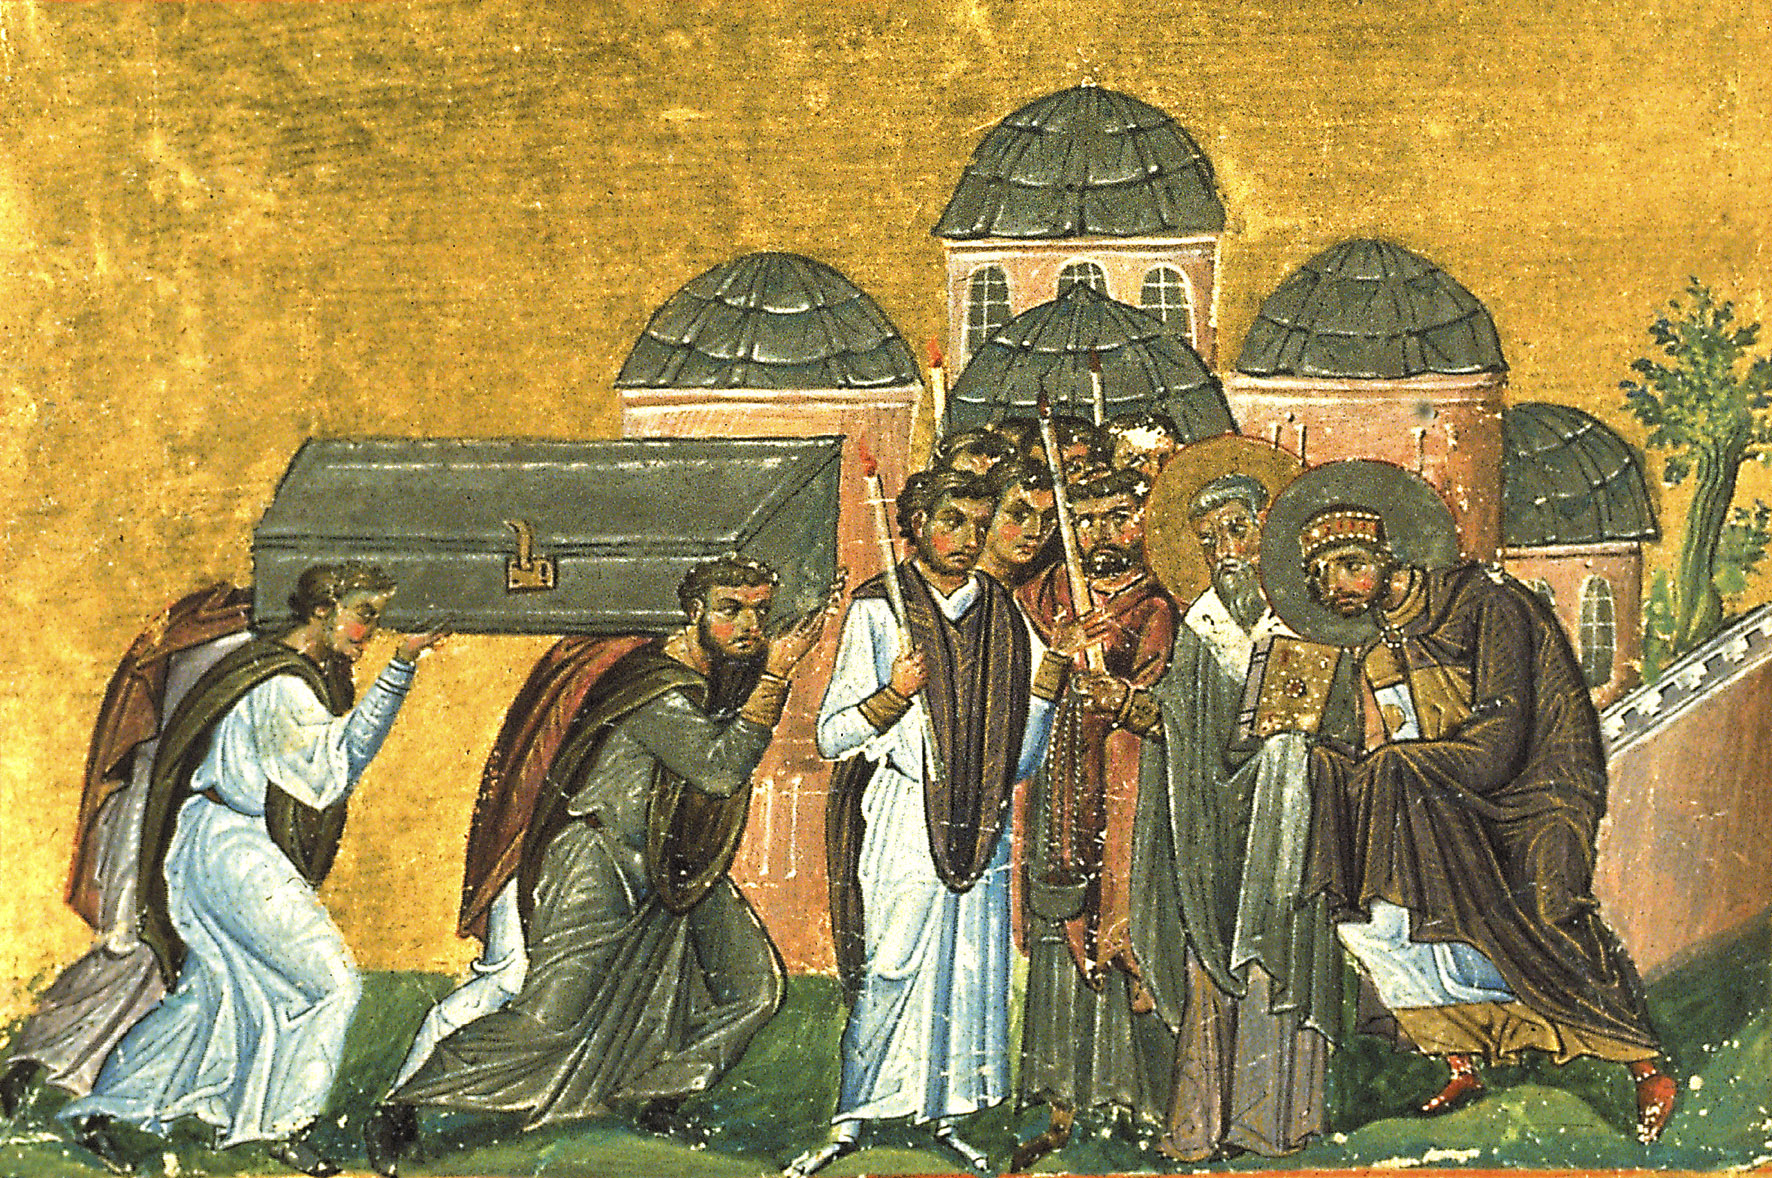 Dupa 32 de ani, Moastele Sf. Ioan Gura de Aur fac sa inceteze cutremurarea mormantului unei pacatoase